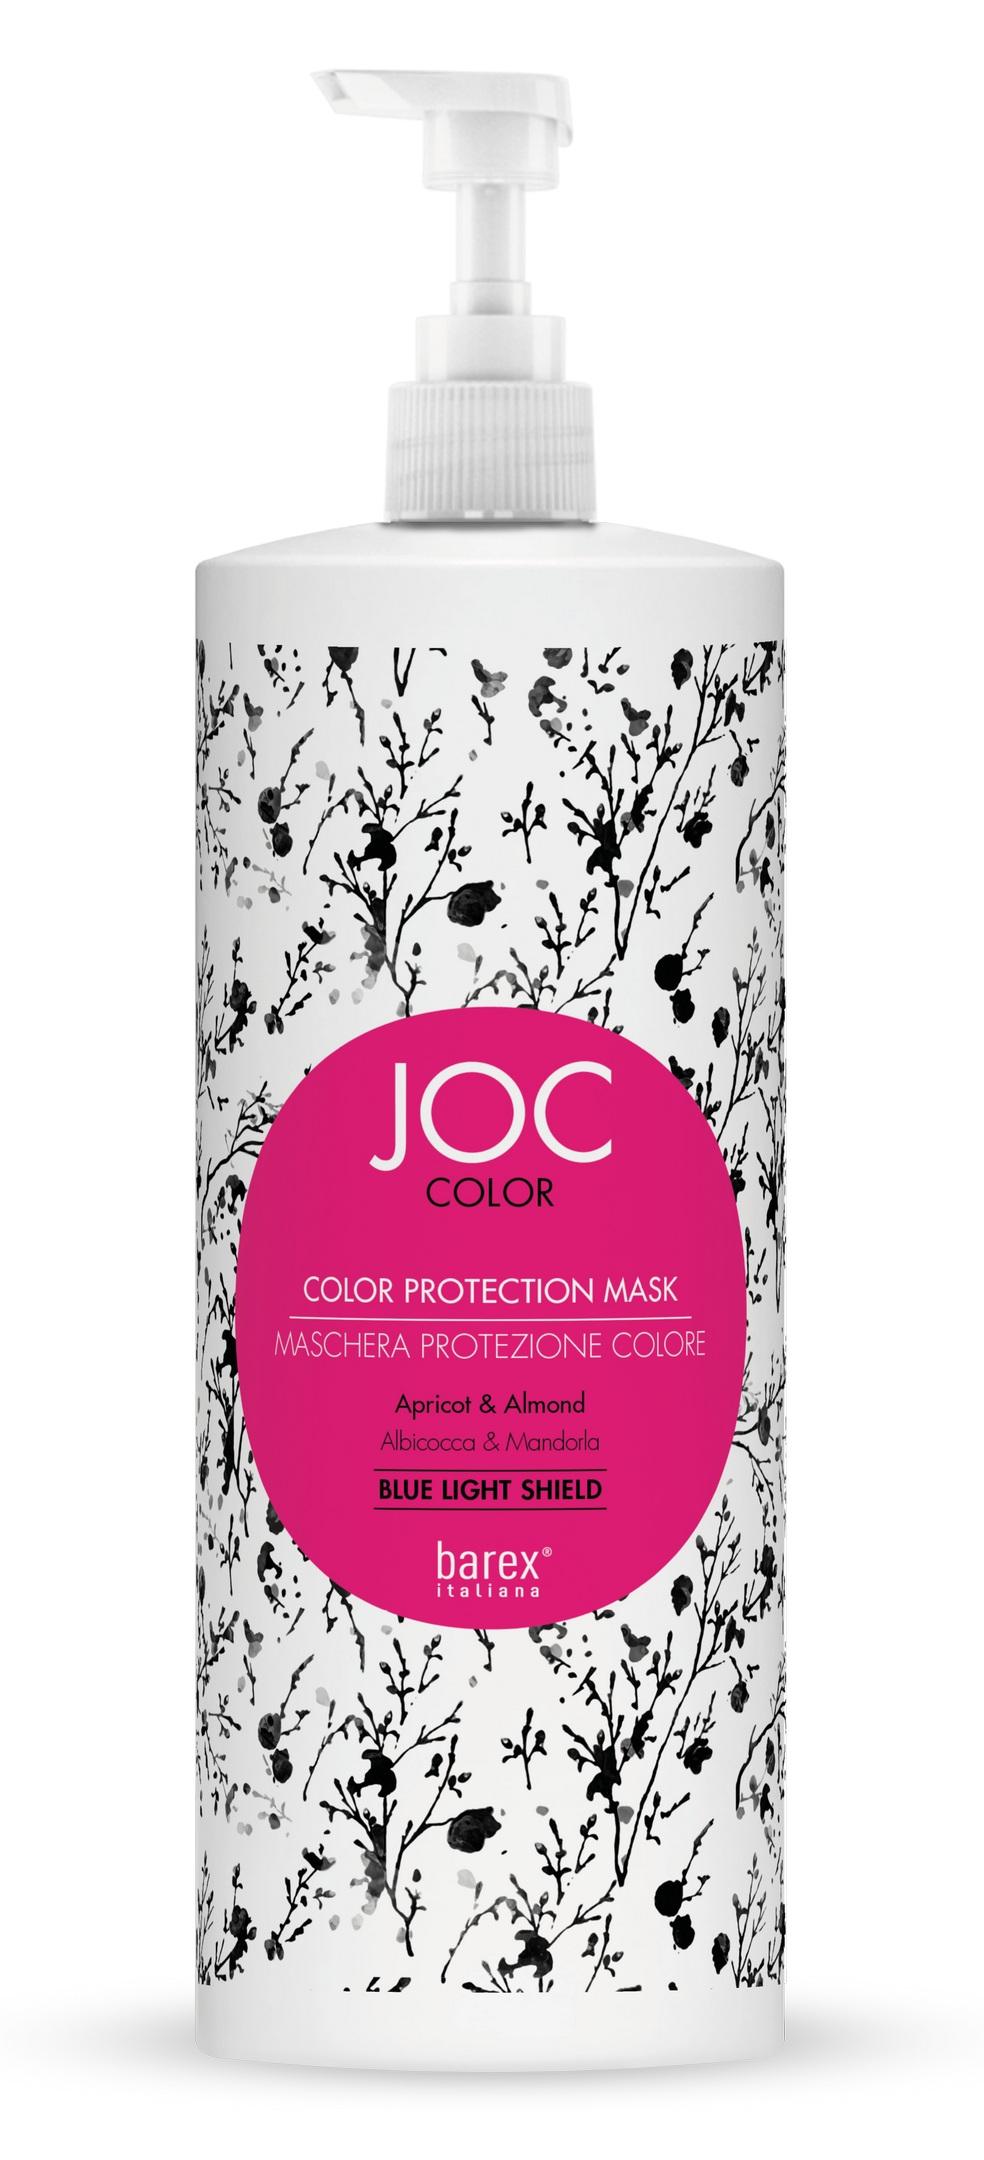 BAREX Маска для волос Стойкость цвета, абрикос и миндаль / JOC COLOR 1000 мл